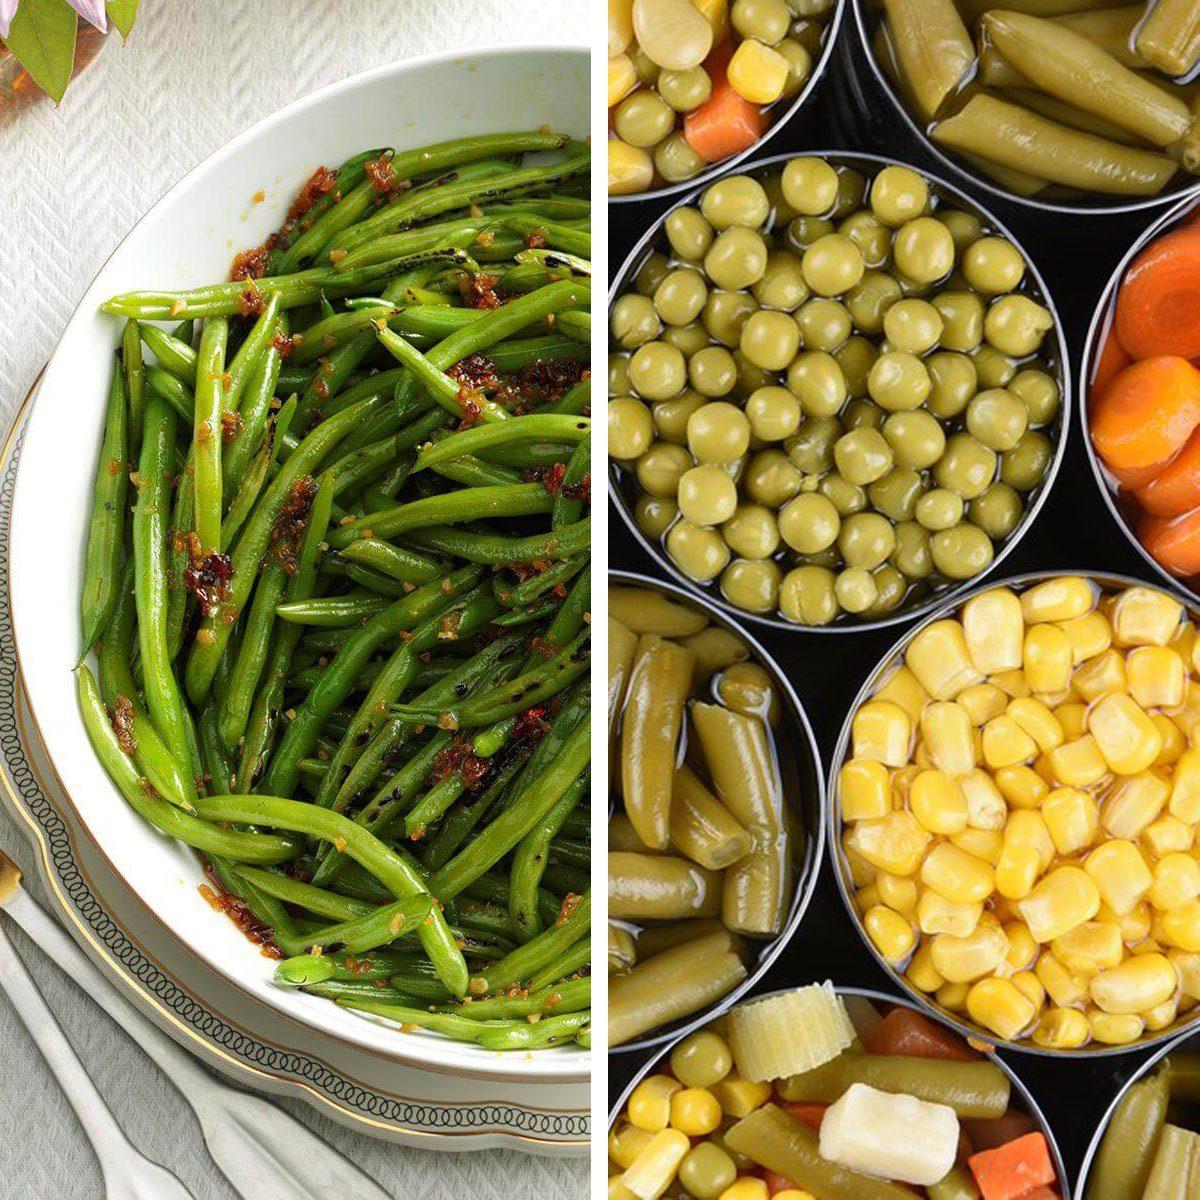 Fresh veggies vs canned